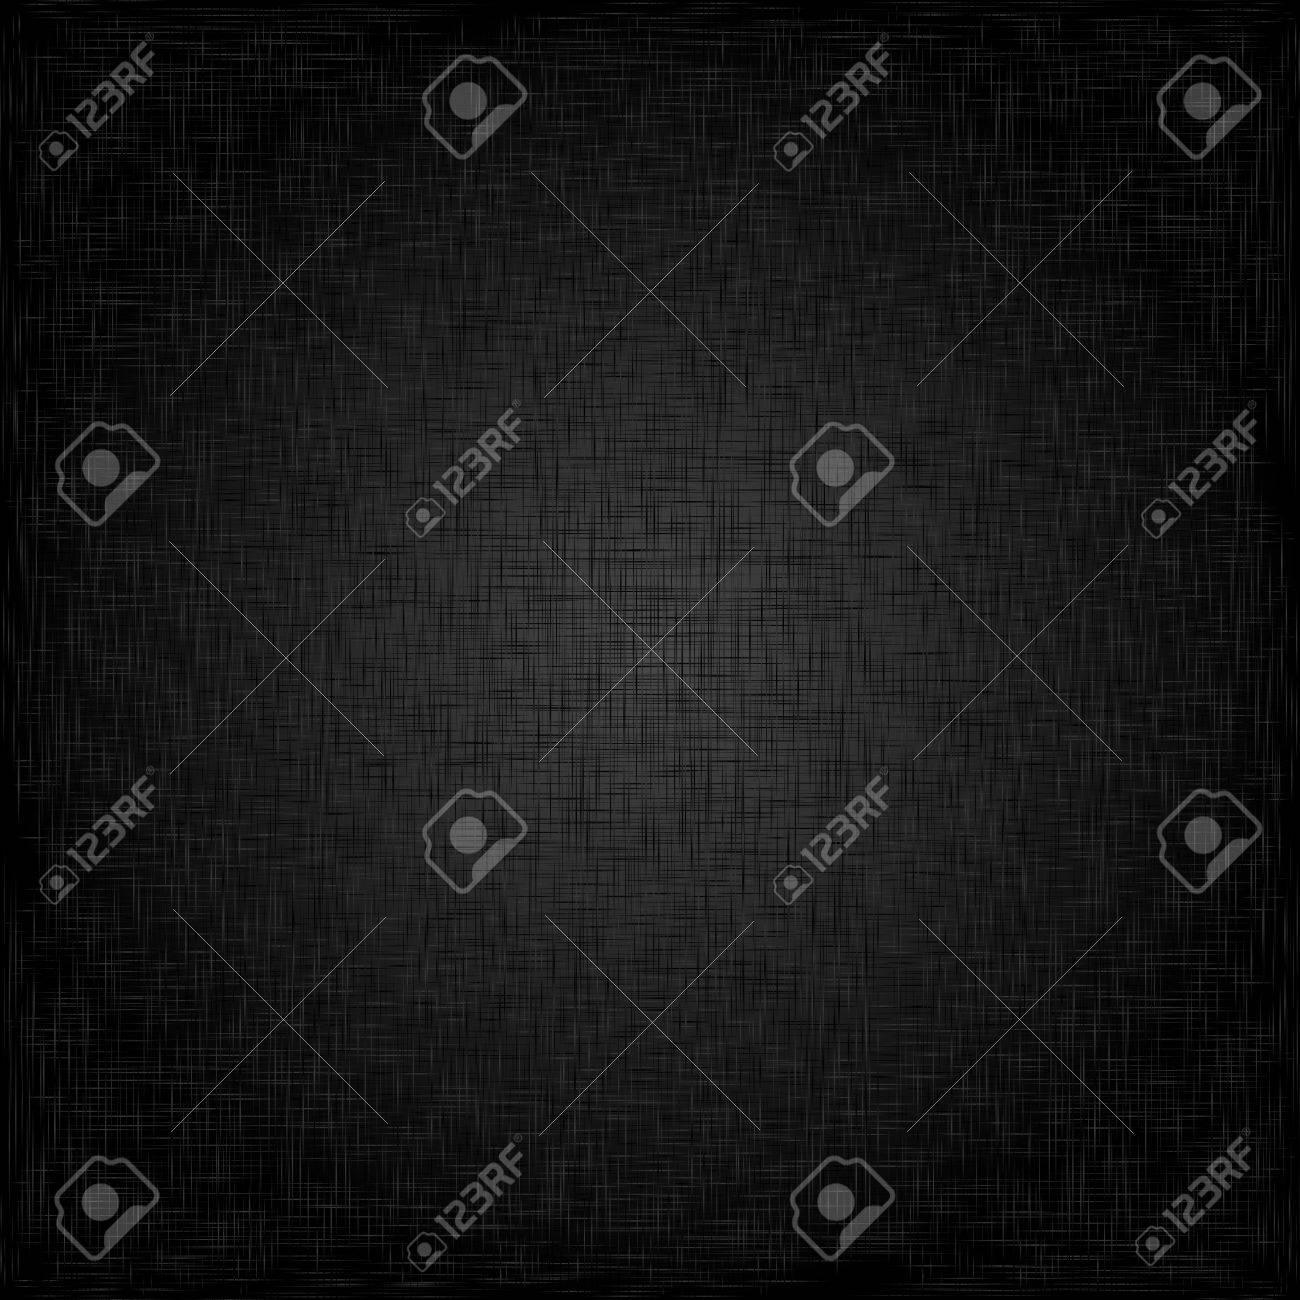 black textured background - 53937047